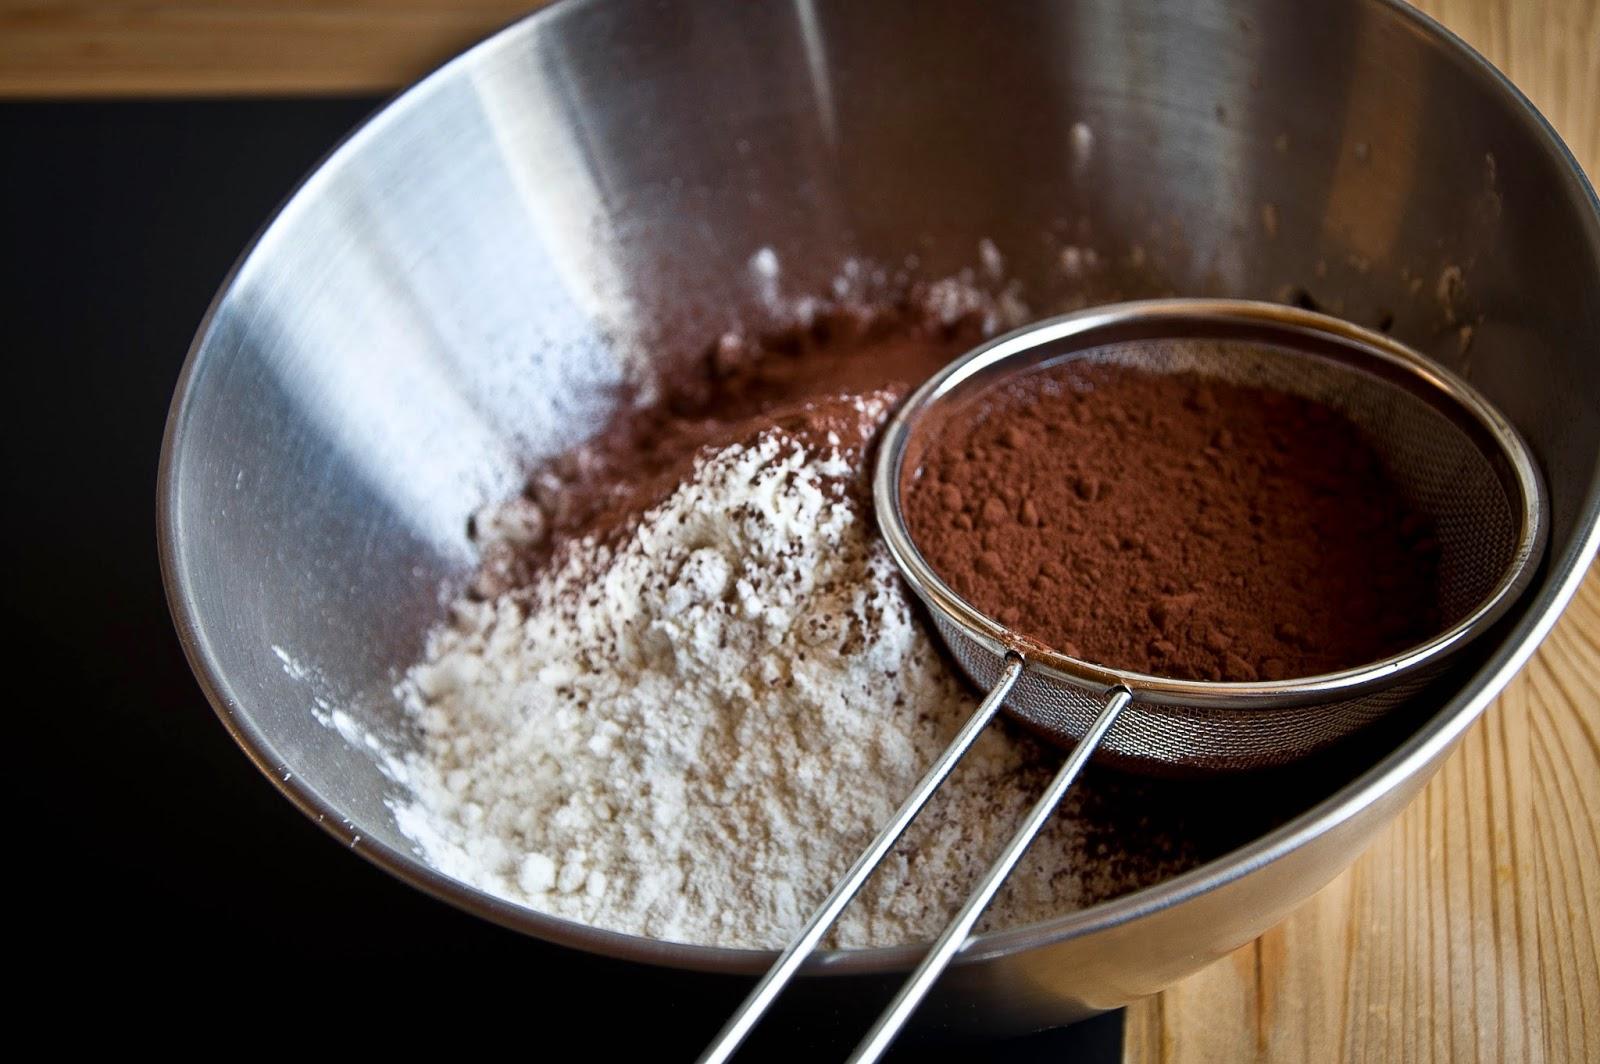 Смешивание ингредиентов для приготовления песочного печенья